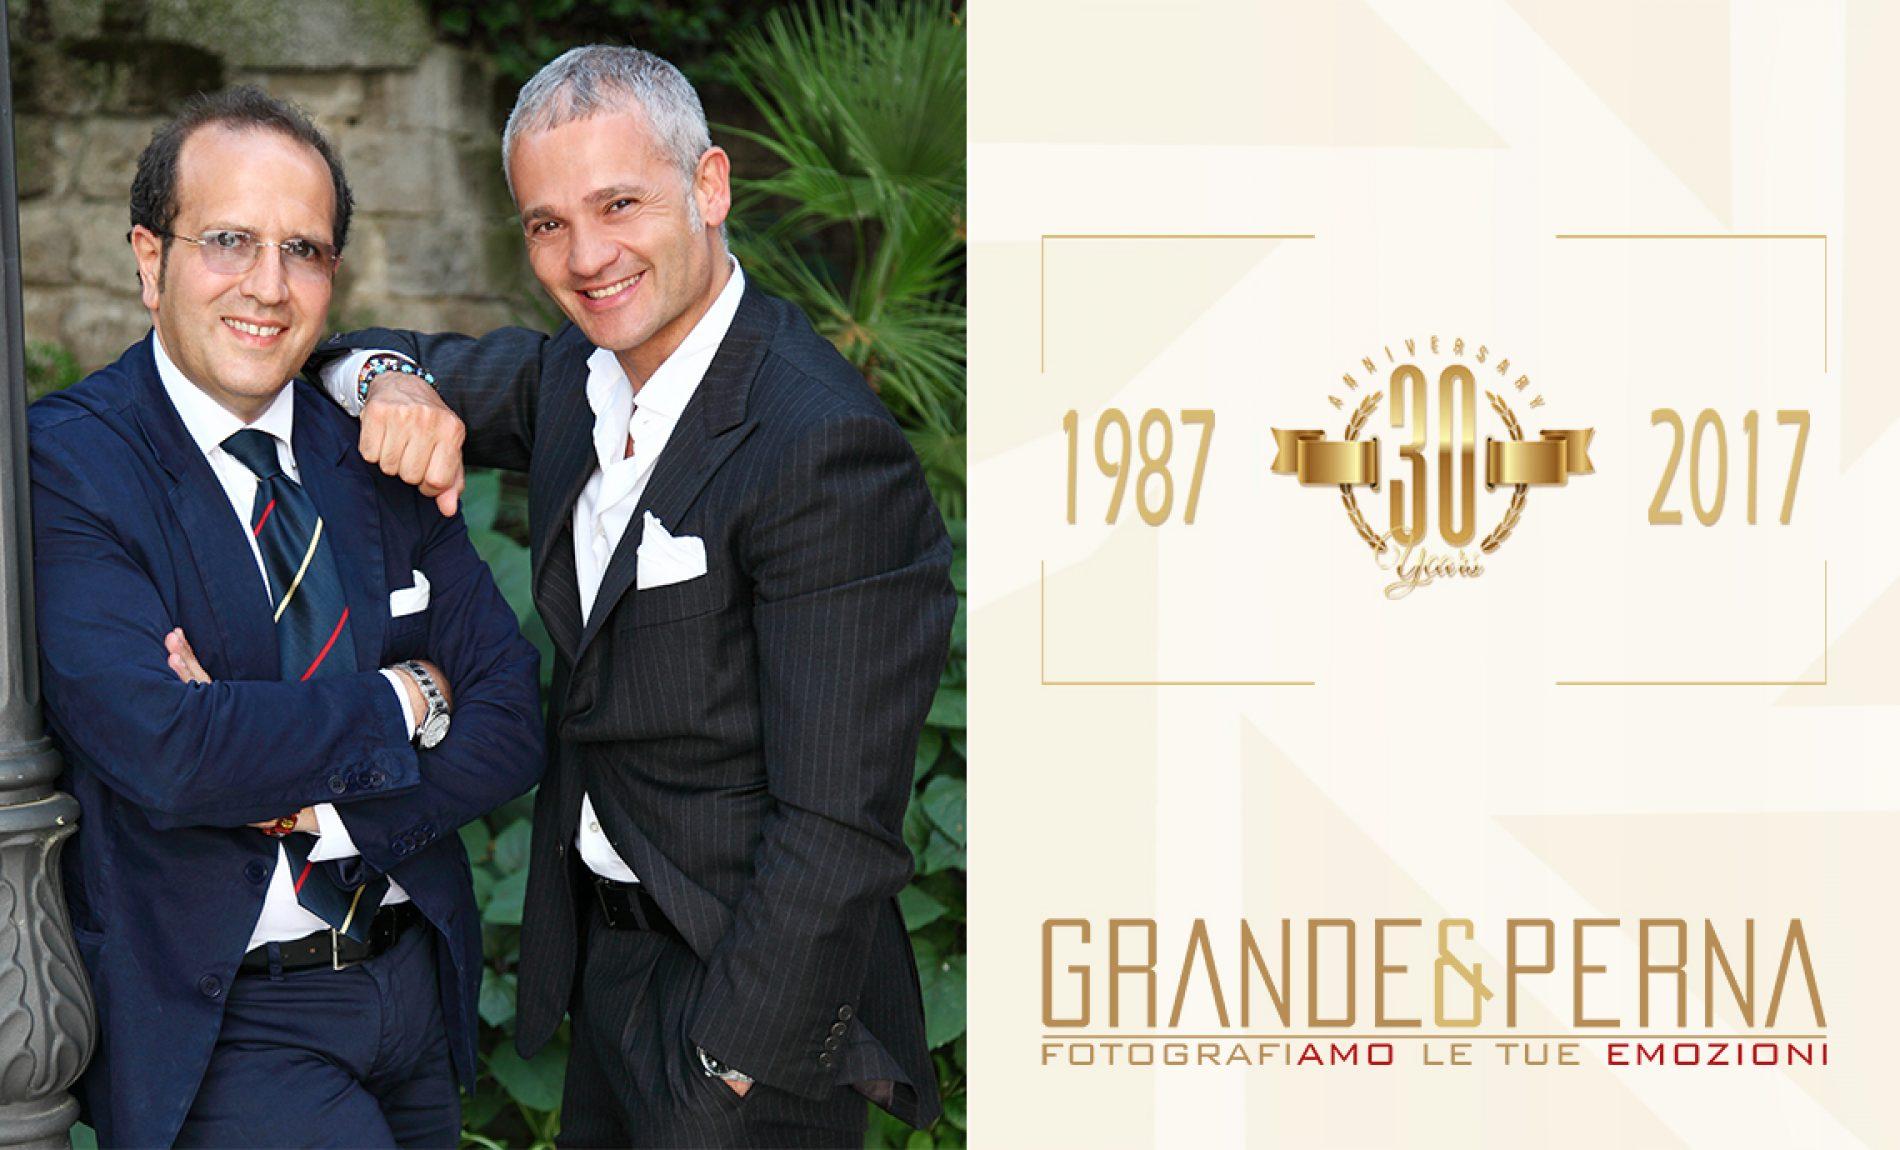 Un augurio speciale per il nostro 30° anniversario!